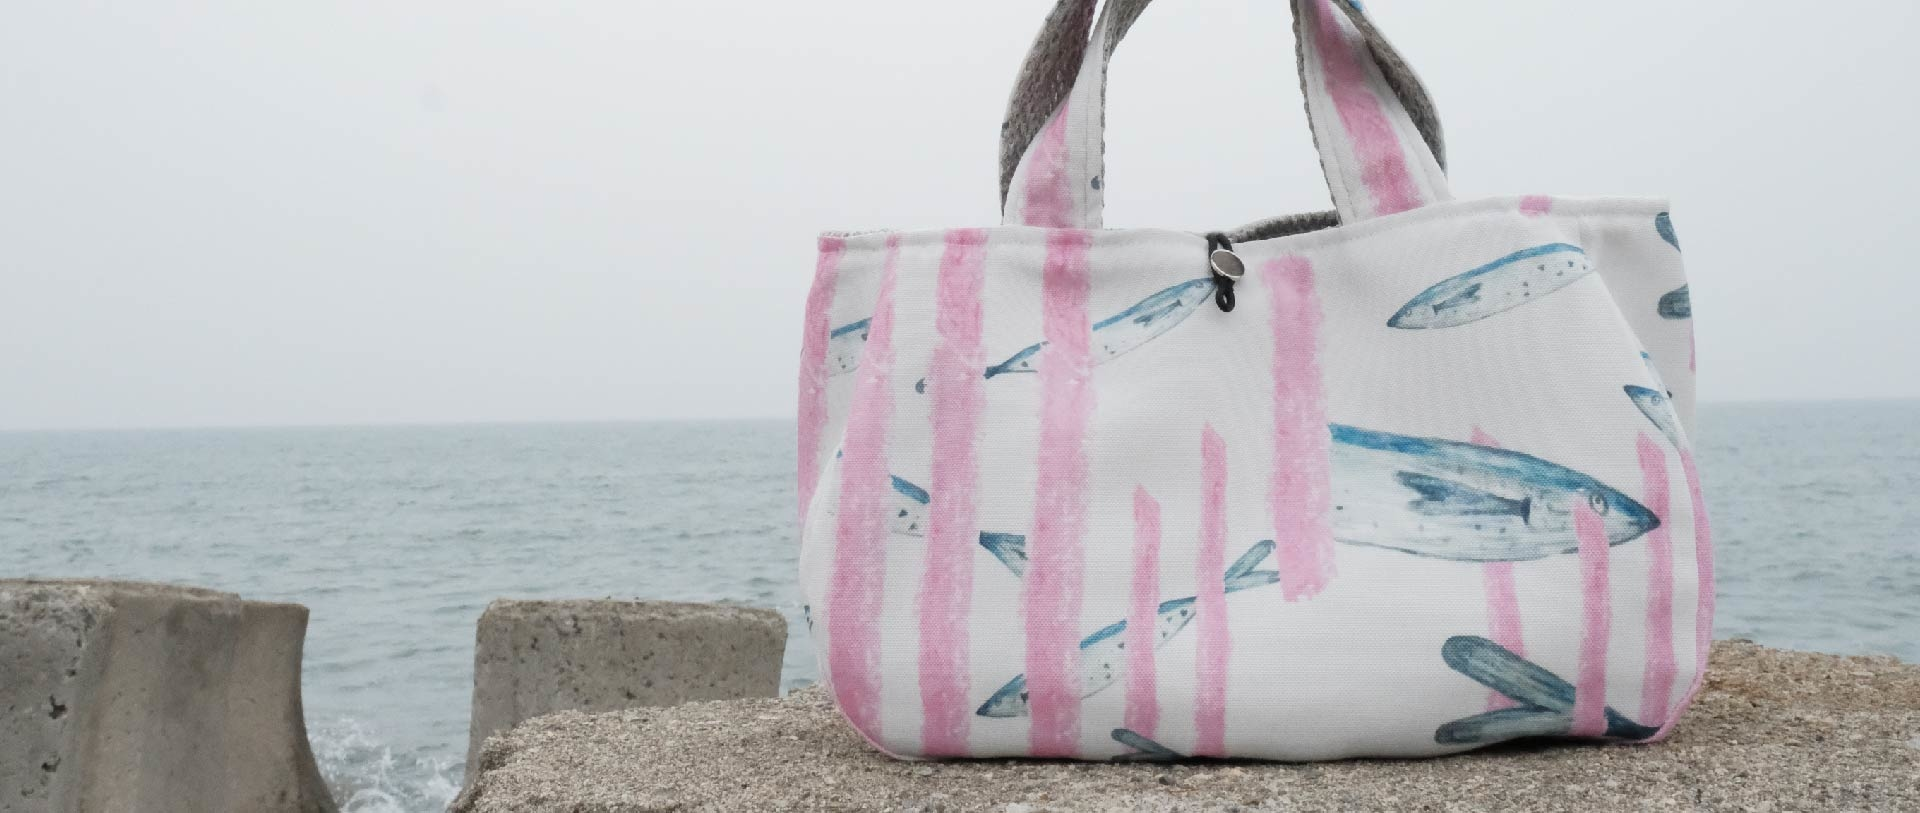 海洋環境與塑膠垃圾議題的故事印花設計_愁刀魚微笑提袋